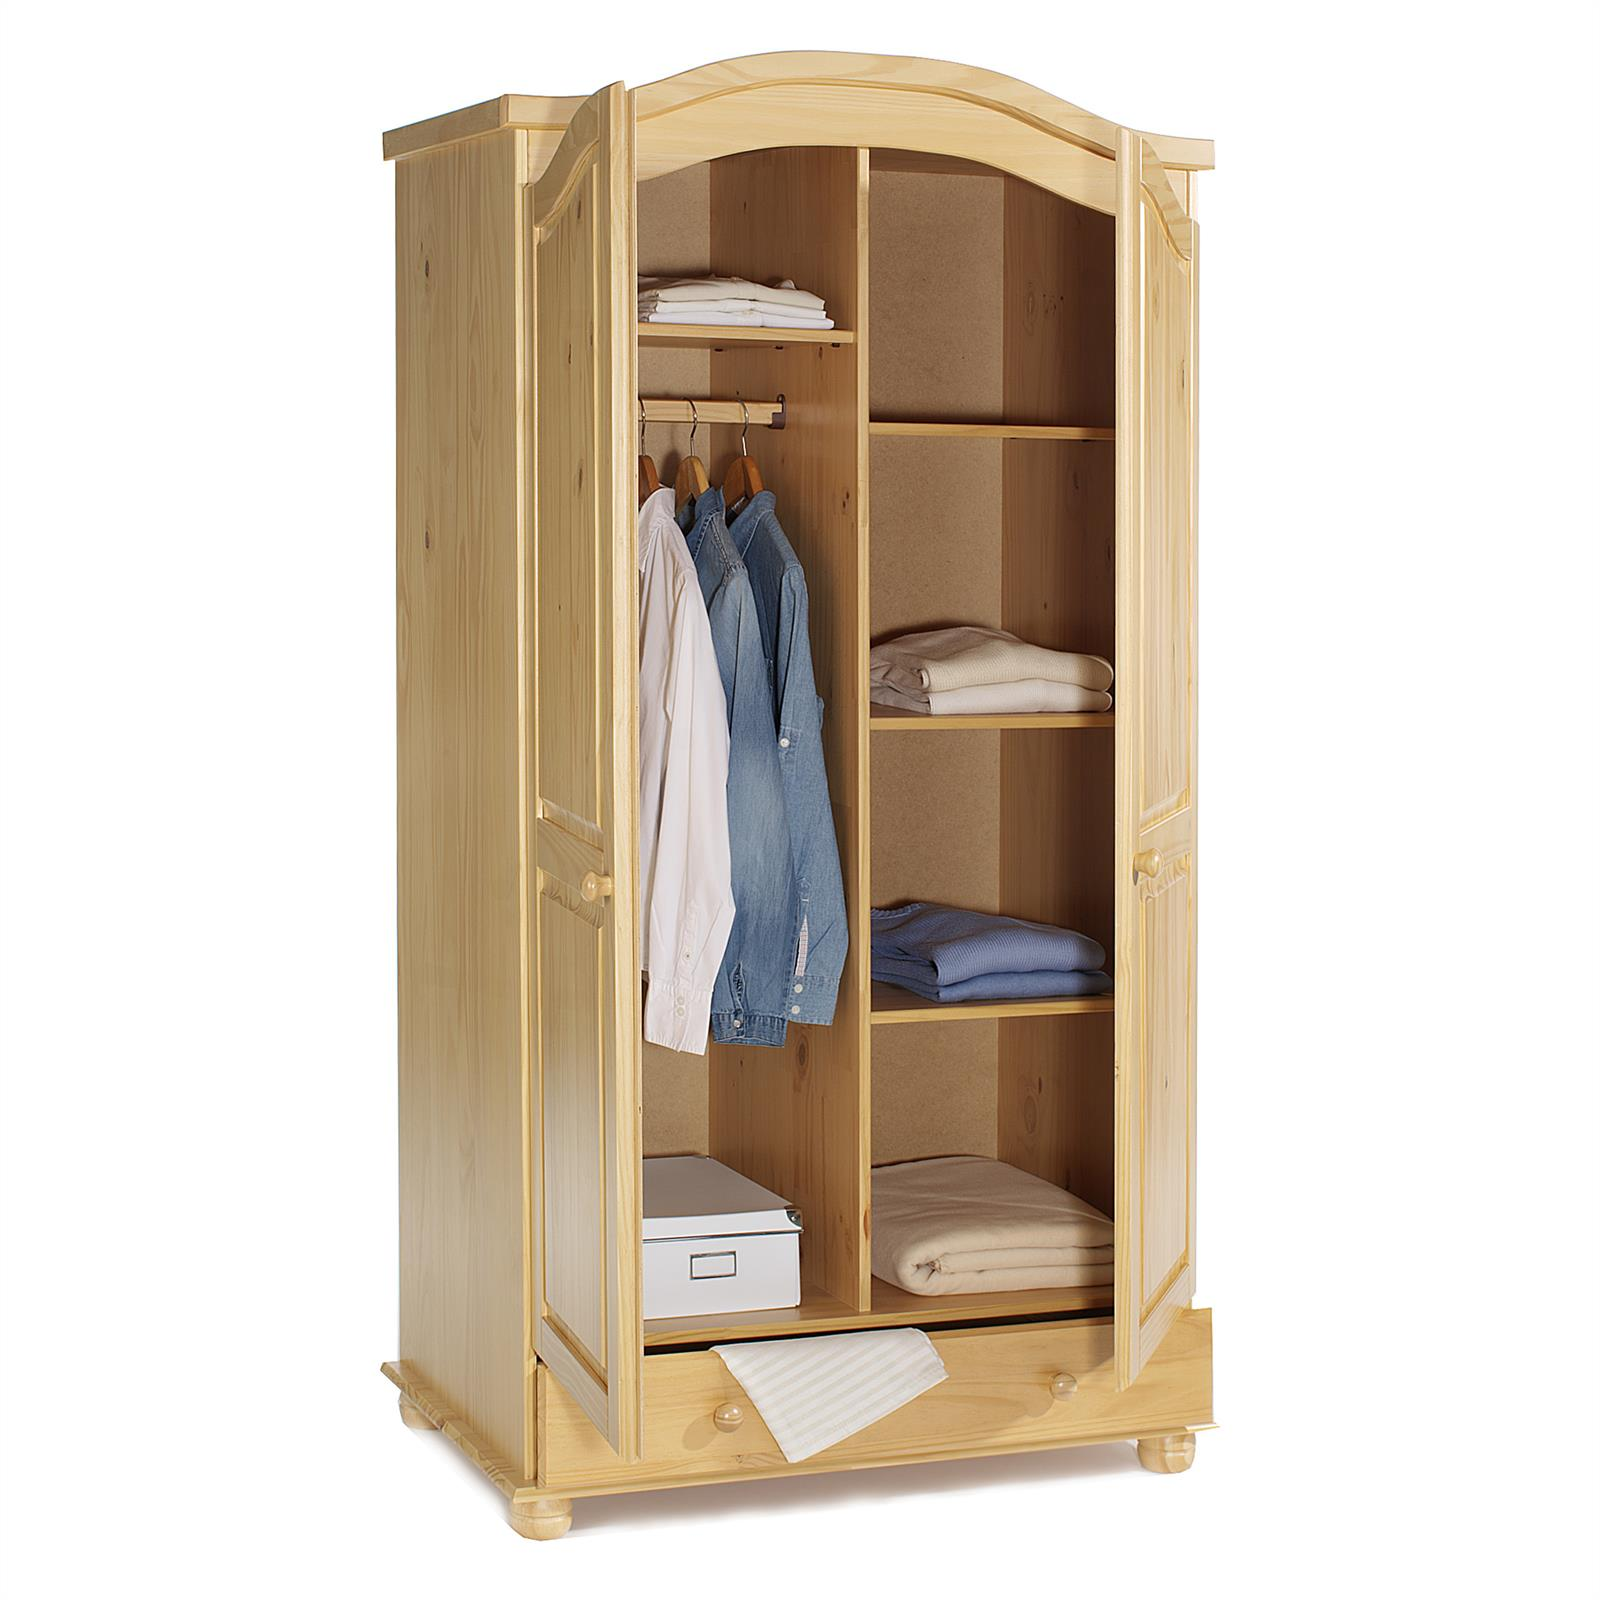 garderobenschrank dielen kleider landhausstil 2t rig 2. Black Bedroom Furniture Sets. Home Design Ideas